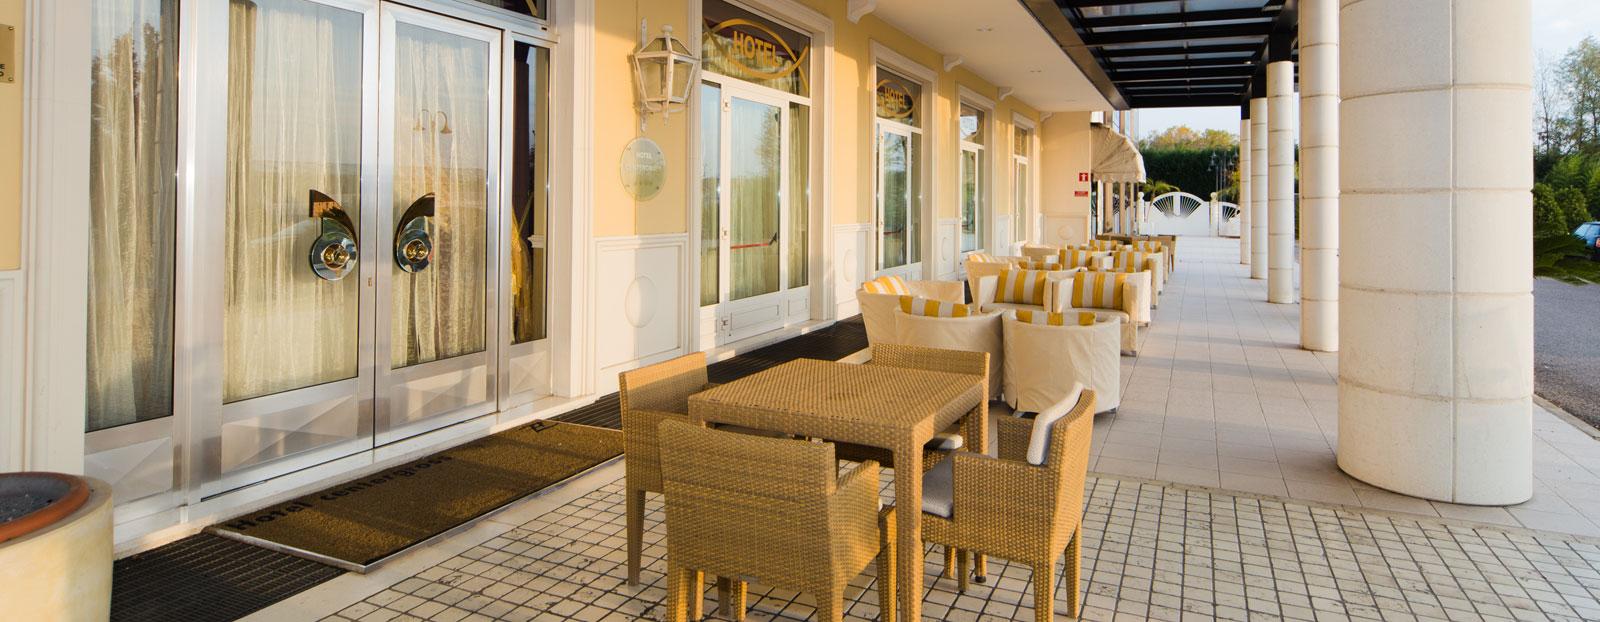 Zanhotel centergross hotel bentivoglio uscita interporto for Tre stelle arreda bologna